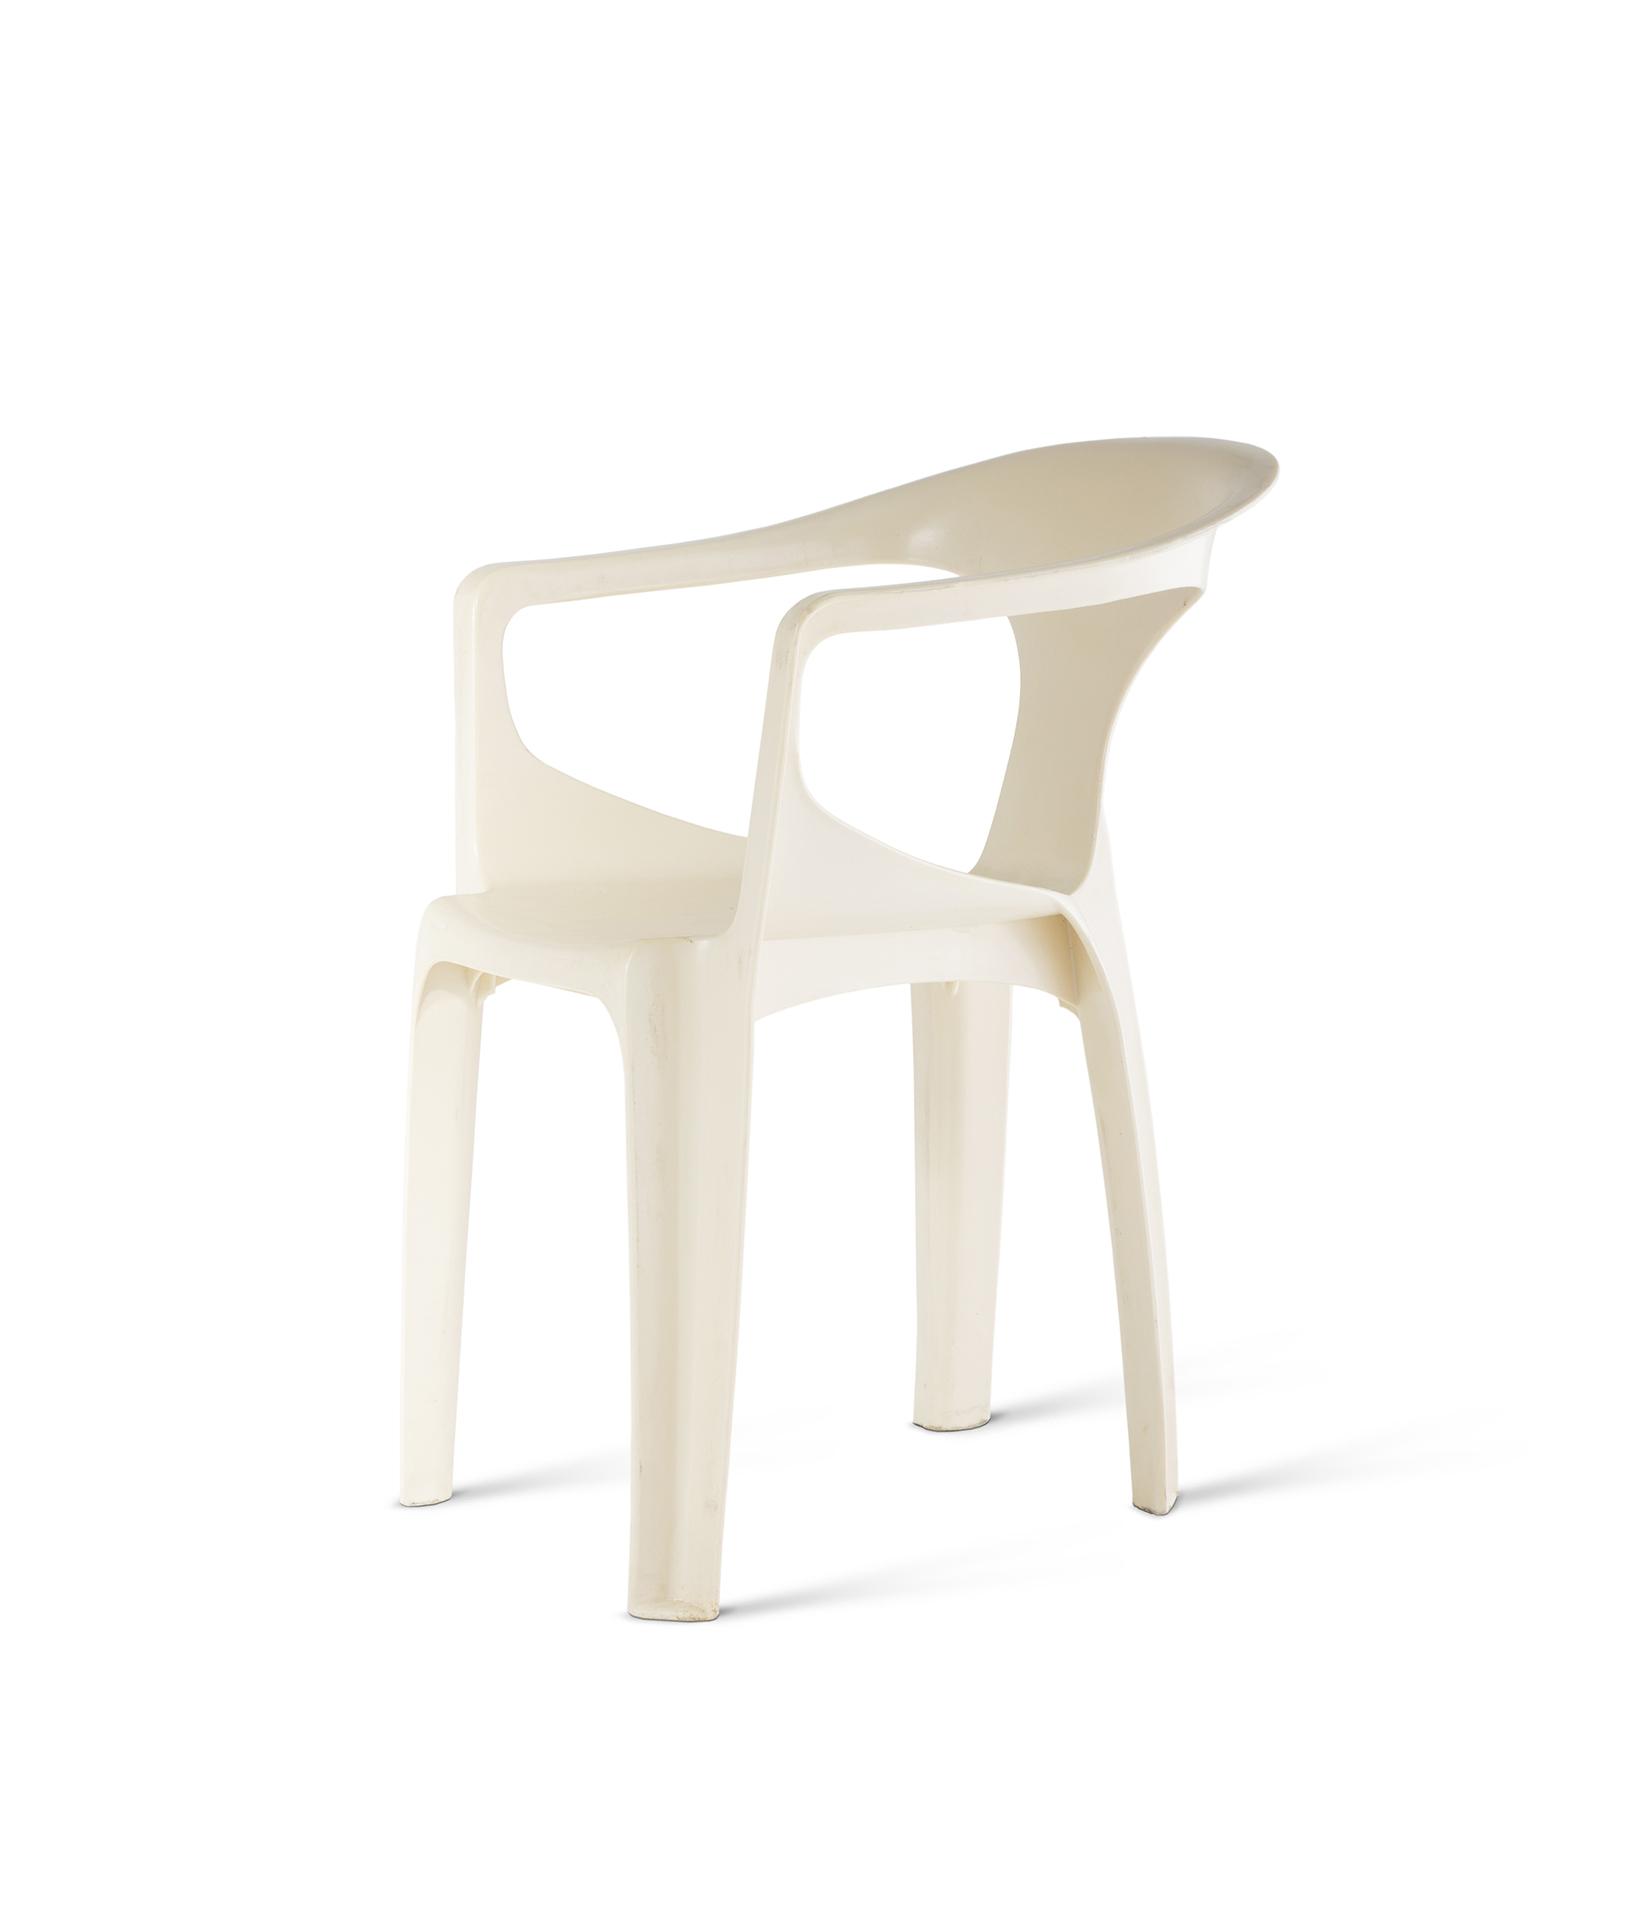 «Fauteuil 300»: Zwei Minuten dauert die Herstellung dieses Stuhls, entworfen vom französischen Ingenieur Henry Massonnet.